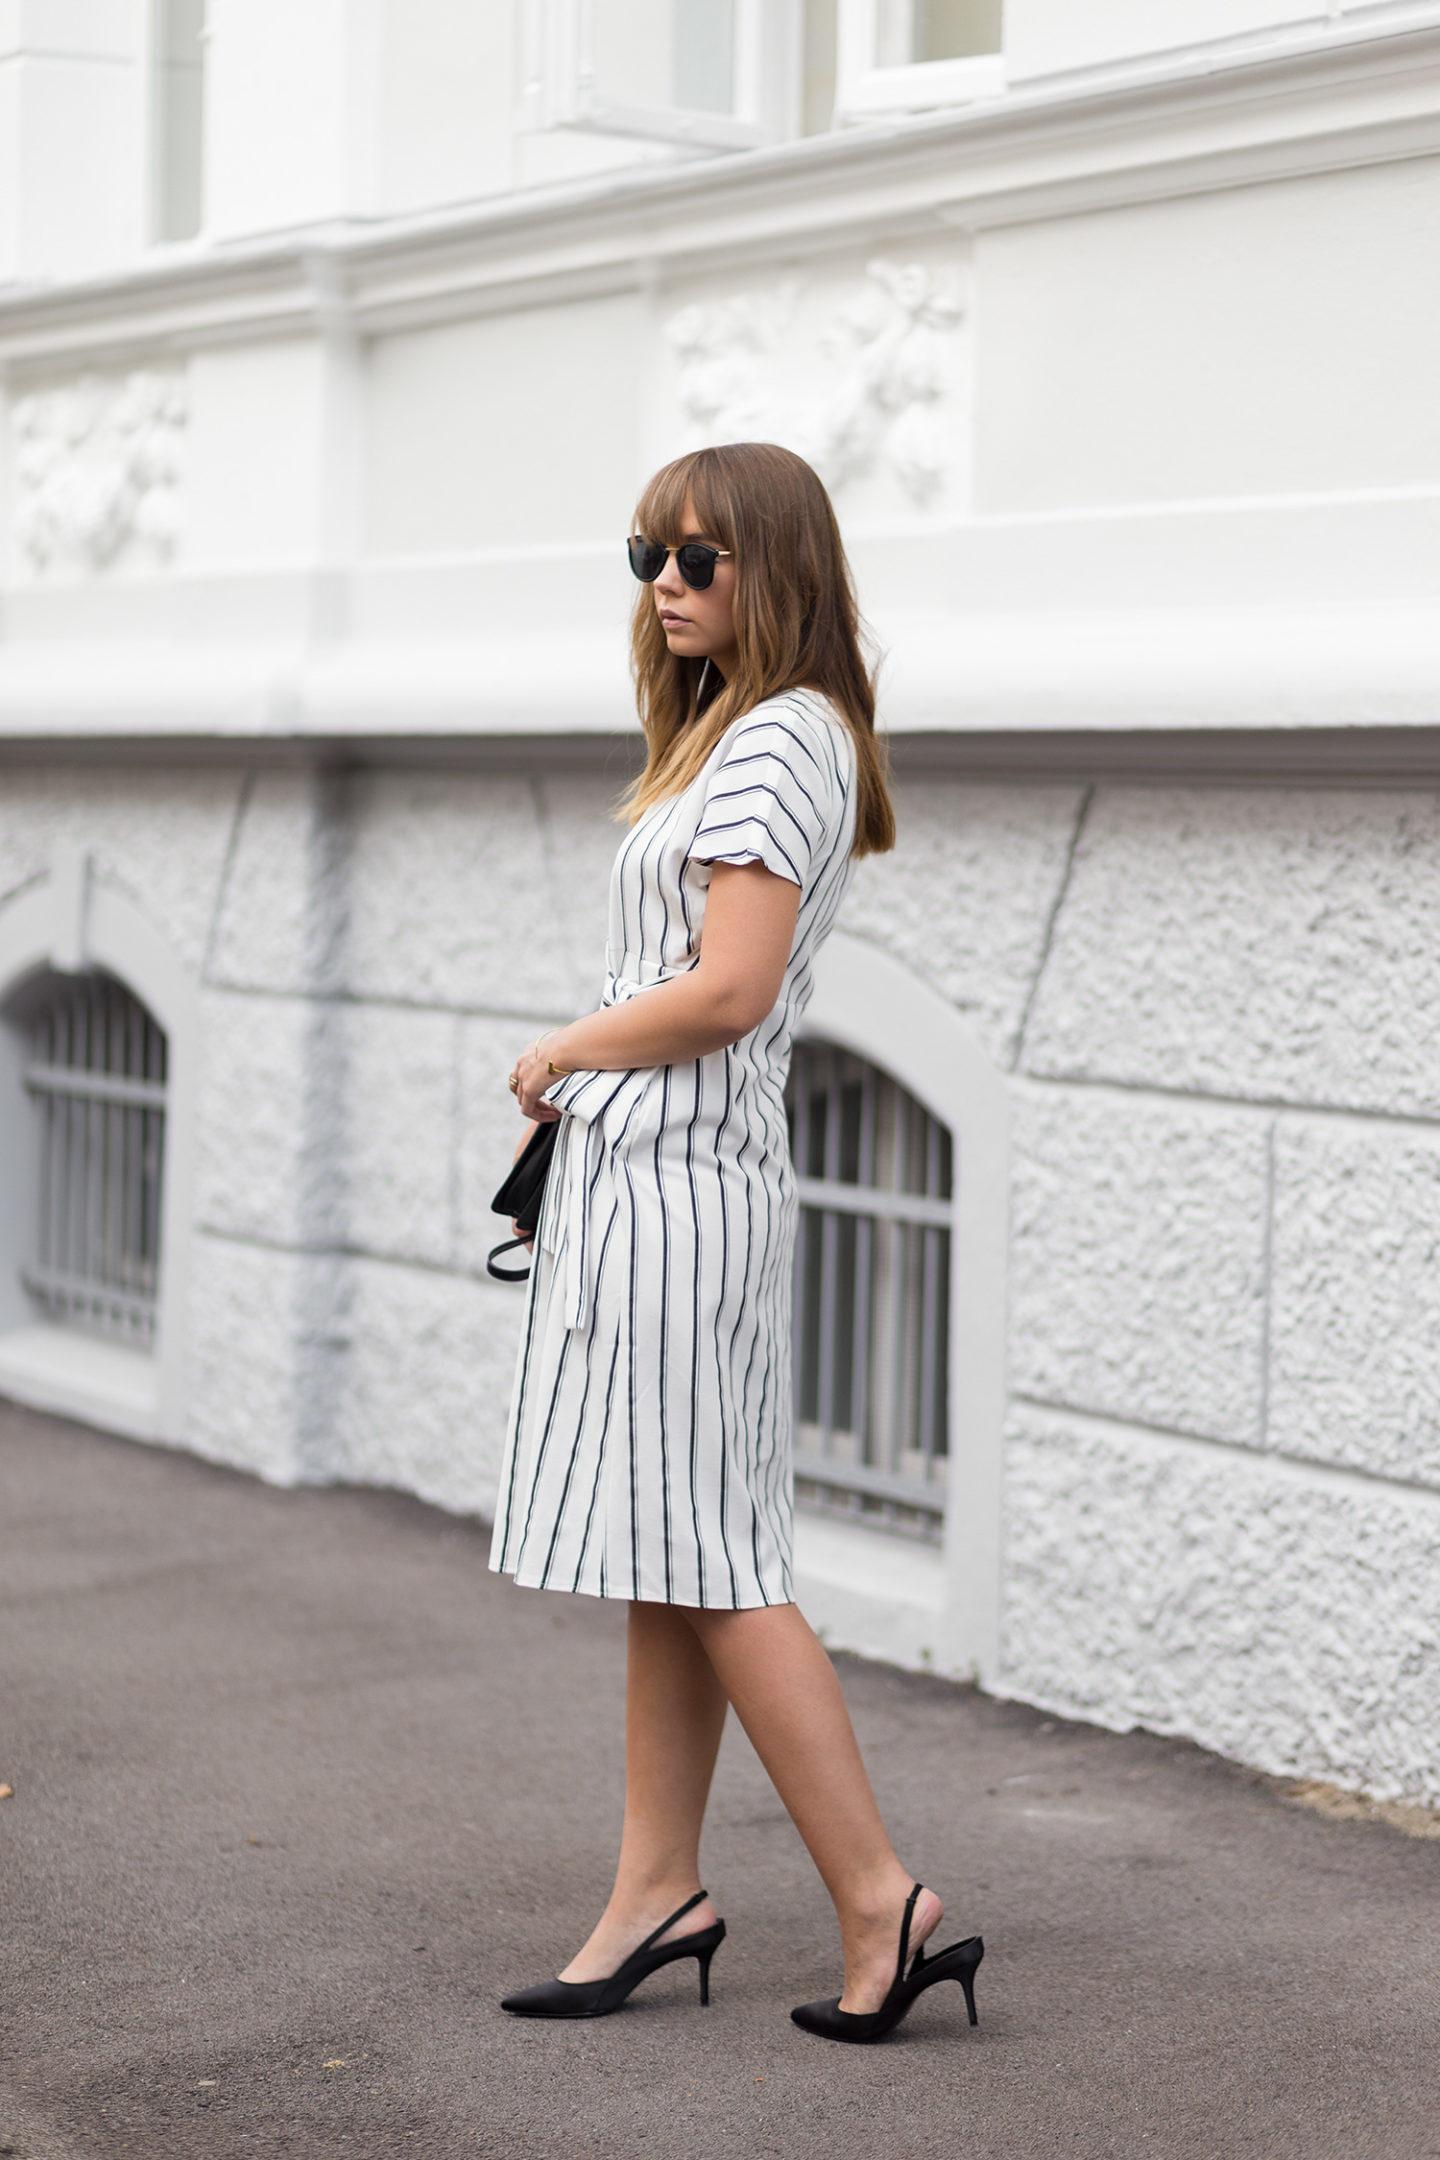 Wickelkleid mit Streifen – klassisch & schick